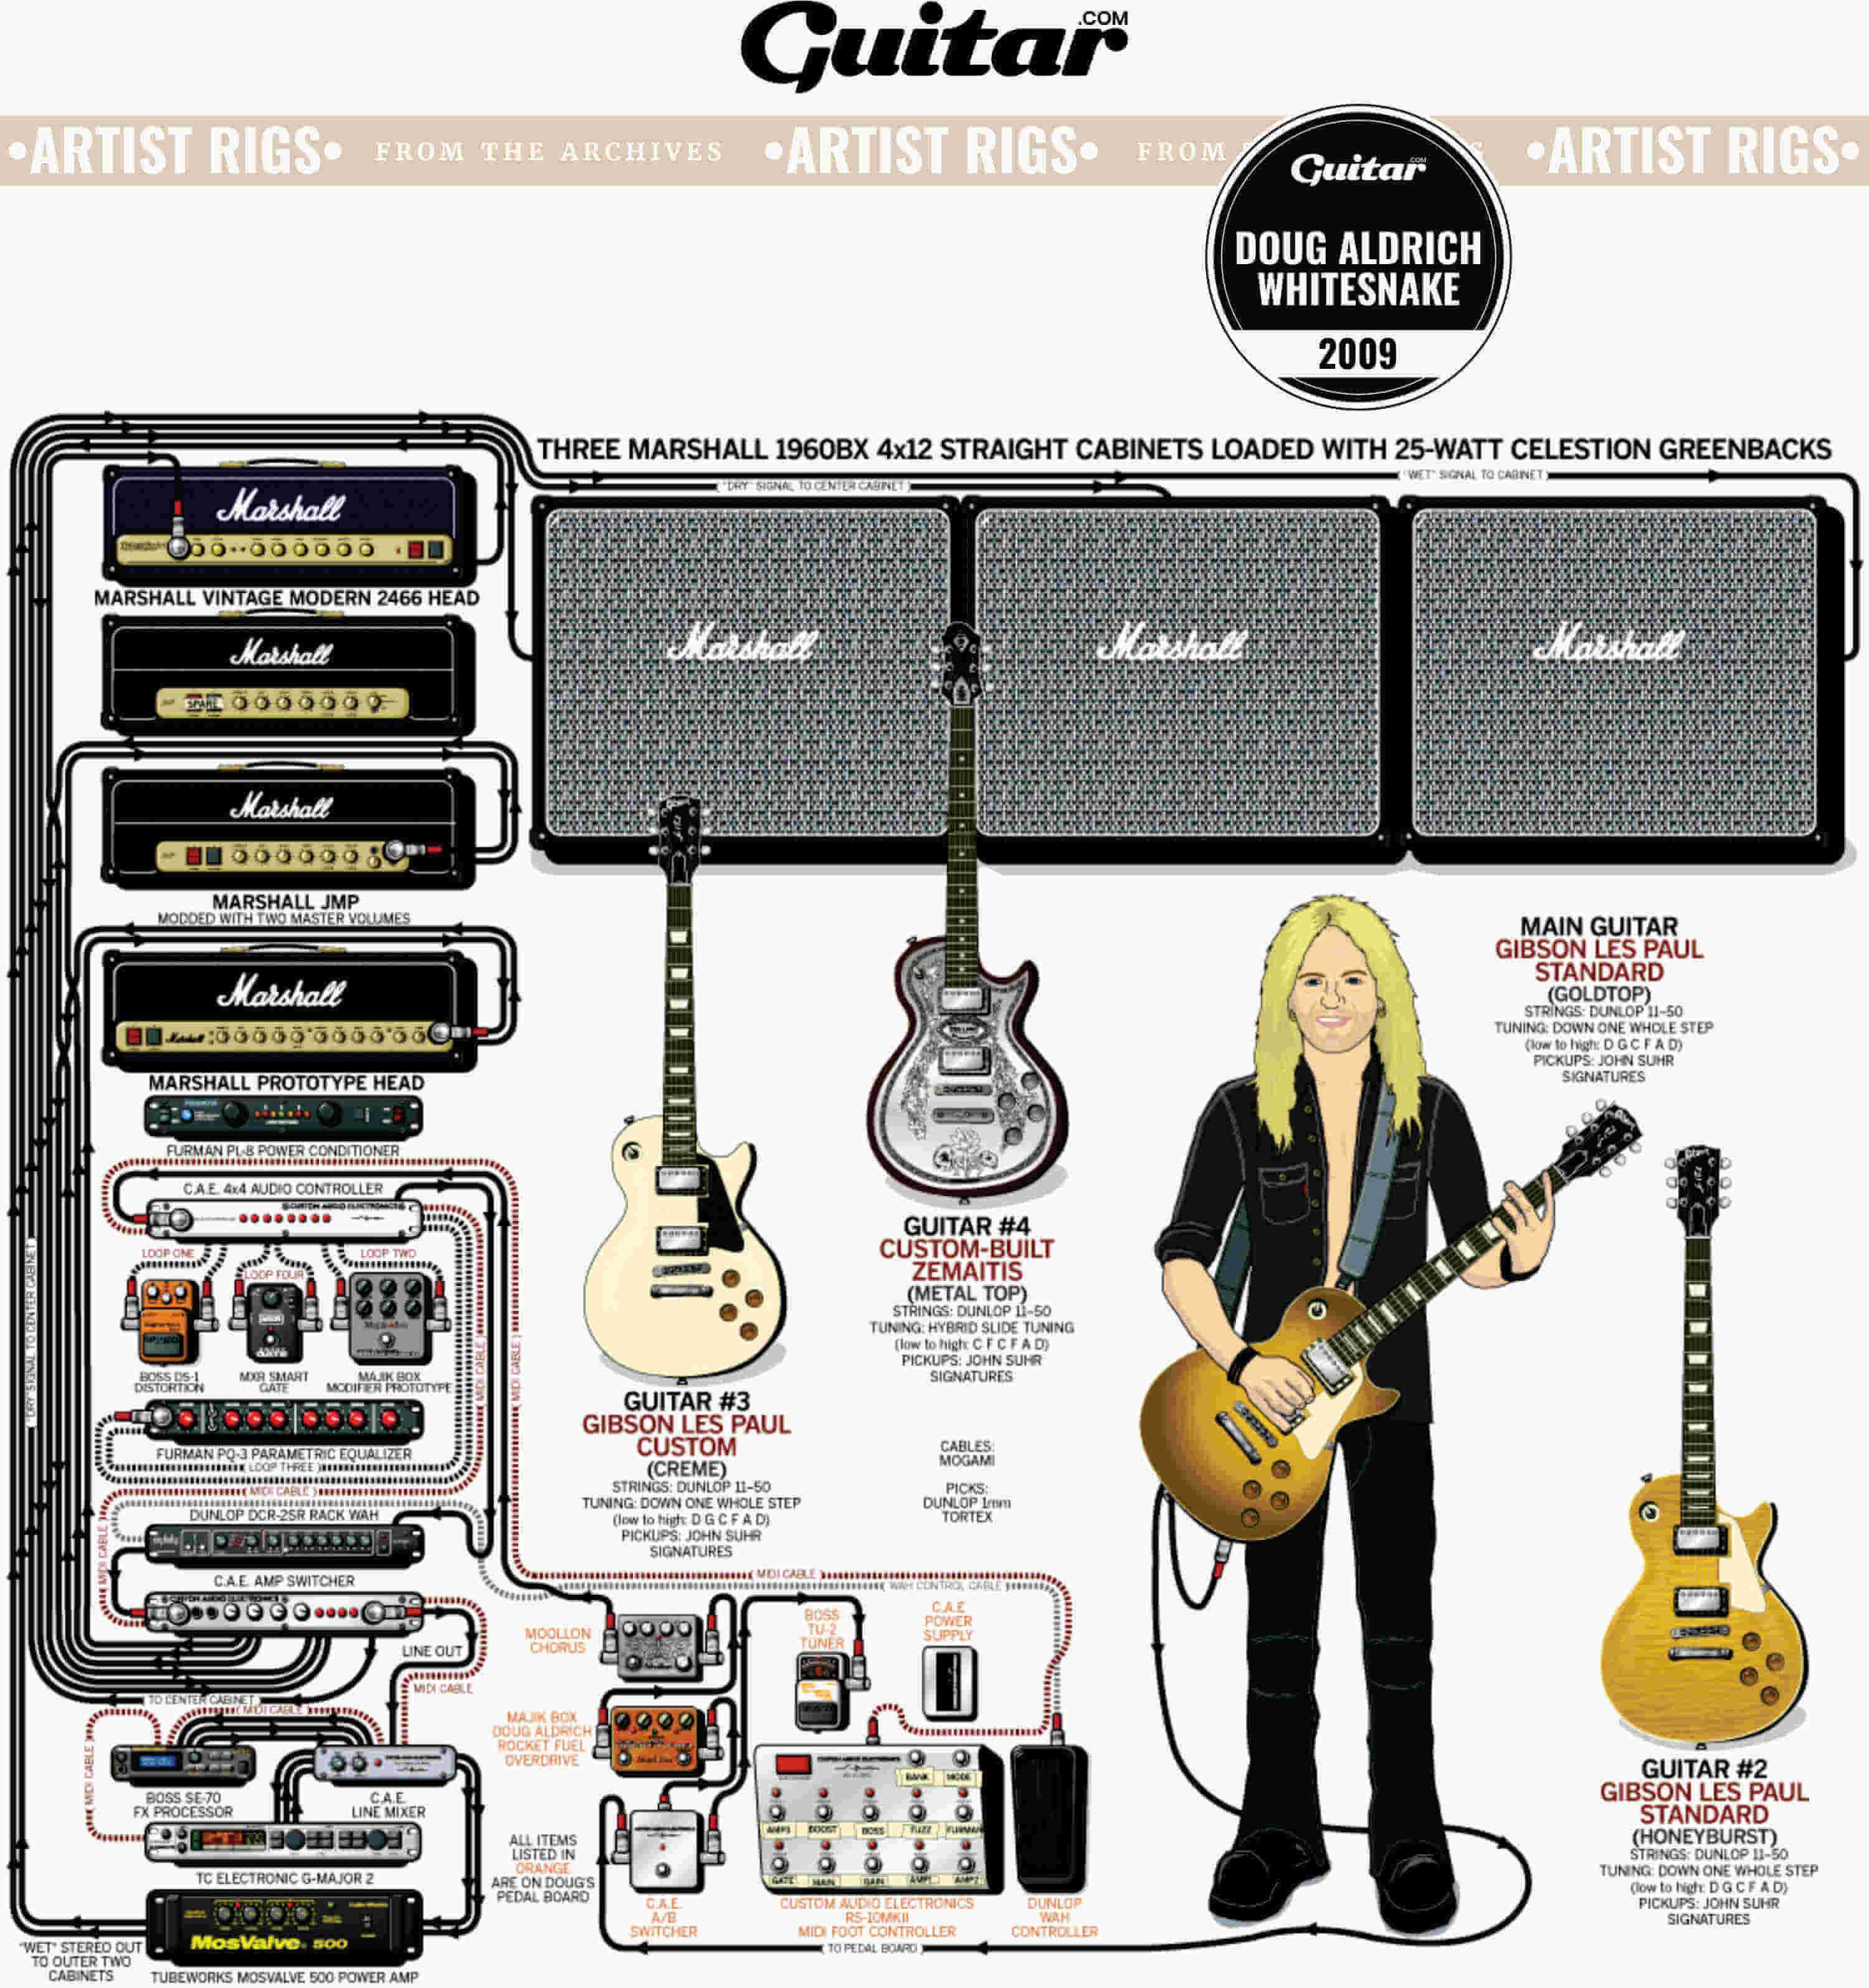 Rig Diagram: Doug Aldrich, Whitesnake (2009)